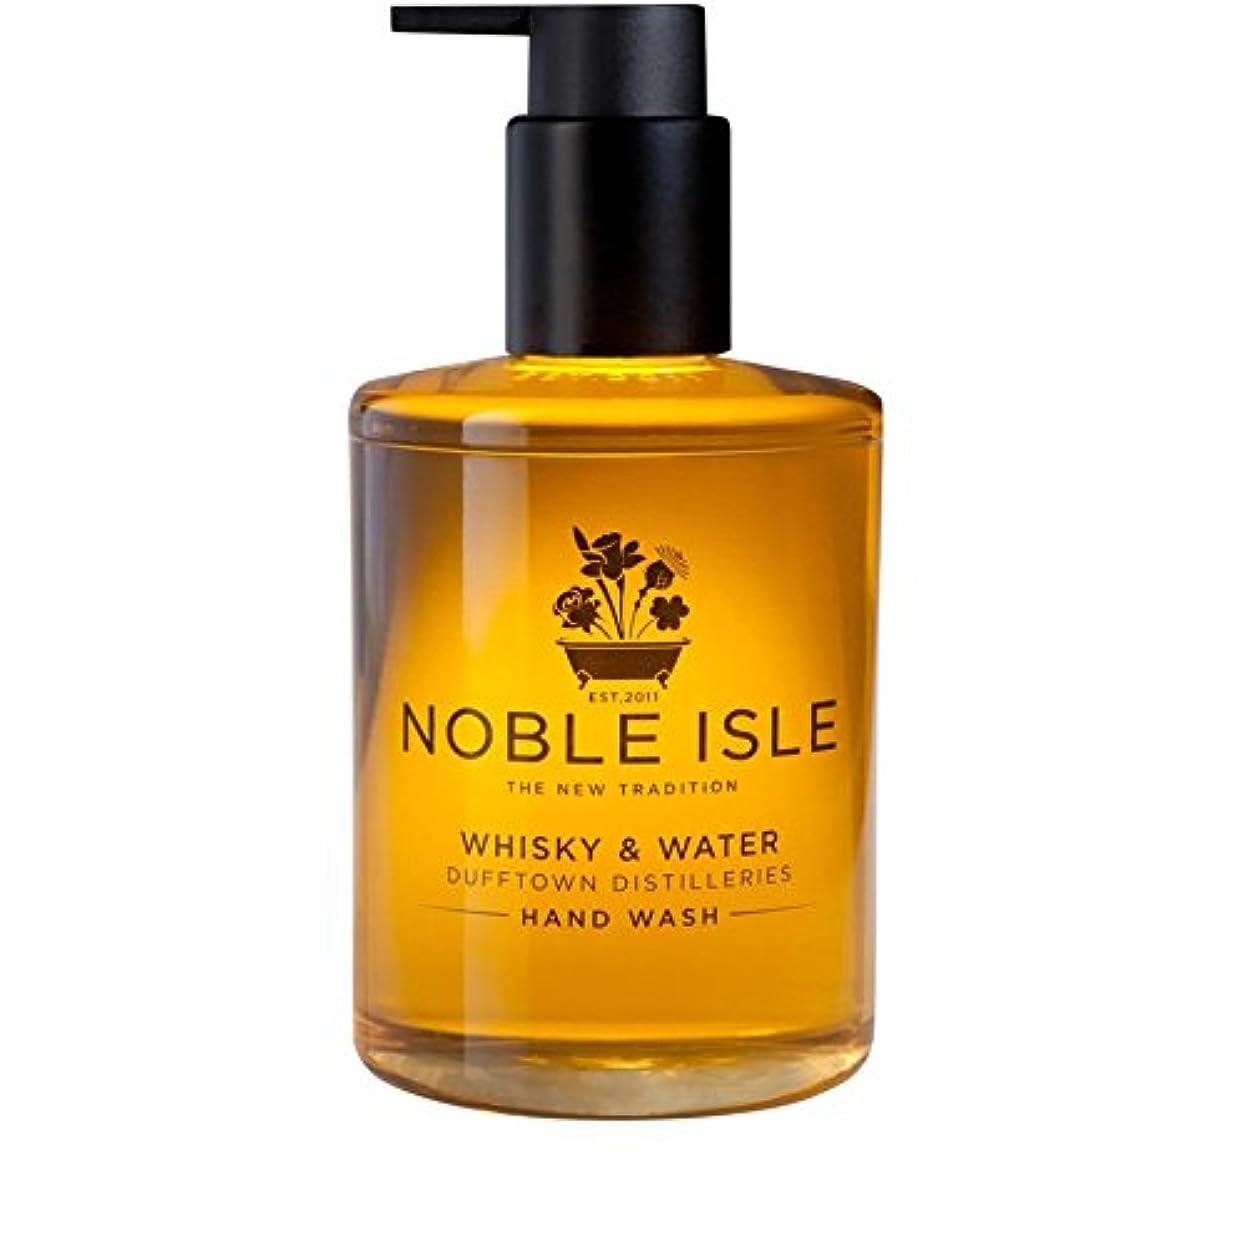 ヘアイソギンチャクタンカーNoble Isle Whisky and Water Dufftown Distilleries Hand Wash 250ml - 高貴な島の水割りの蒸留所のハンドウォッシュ250ミリリットル [並行輸入品]